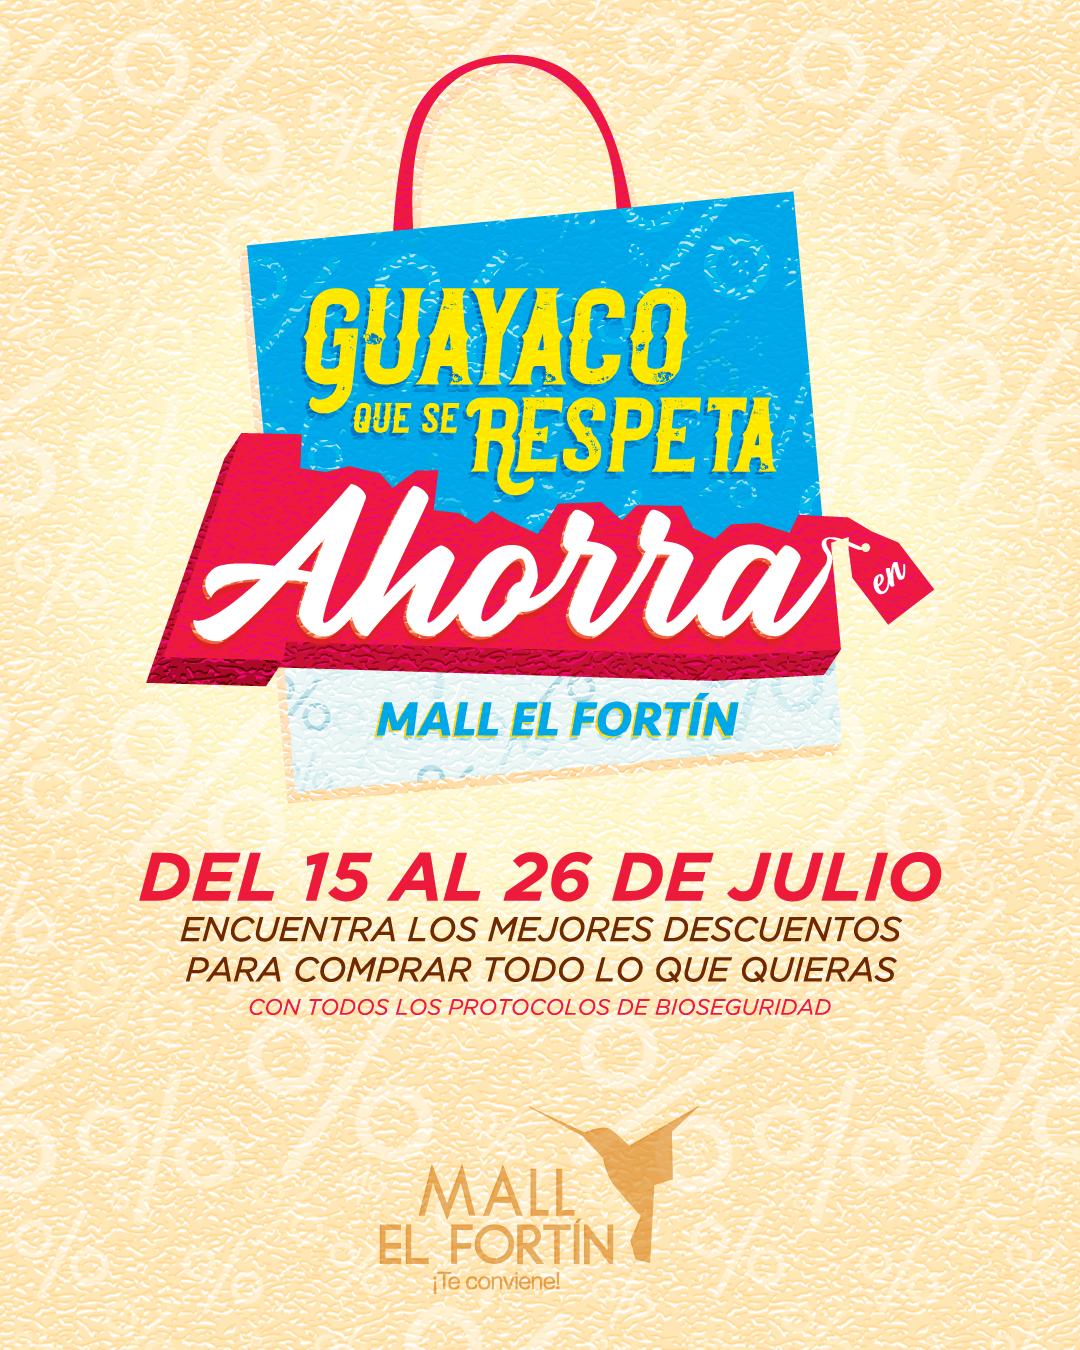 GUAYACO QUE SE RESPETA AHORRA EN MALL EL FORTÍN DESDE EL 15/07/2021 HASTA EL 26/07/2021